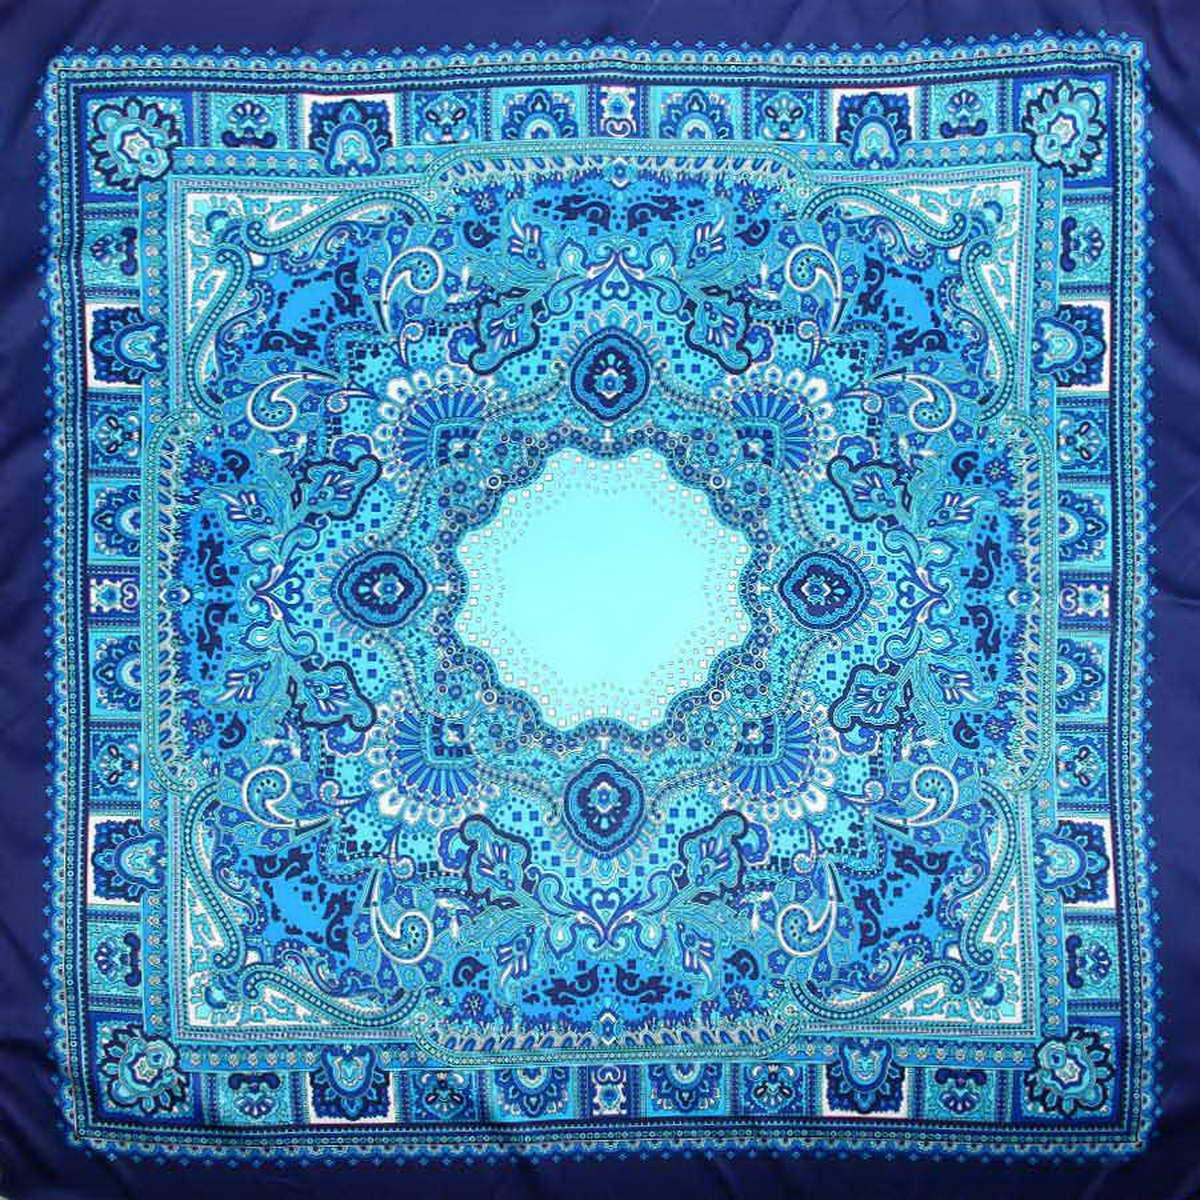 Платок3906633-02Стильный женский платок Venera изготовлен из качественного и легкого полиэстера, будет самым универсальным вариантом для повседневного аксессуара. Насыщенная цветовая палитра и замечательный принт восточного стиля, добавят вашему образу загадочности и экзотического шарма. Классическая квадратная форма позволяет носить платок на шее, украшать им прическу или декорировать сумочку. Такой платок превосходно дополнит любой наряд и подчеркнет ваш неповторимый вкус и элегантность.